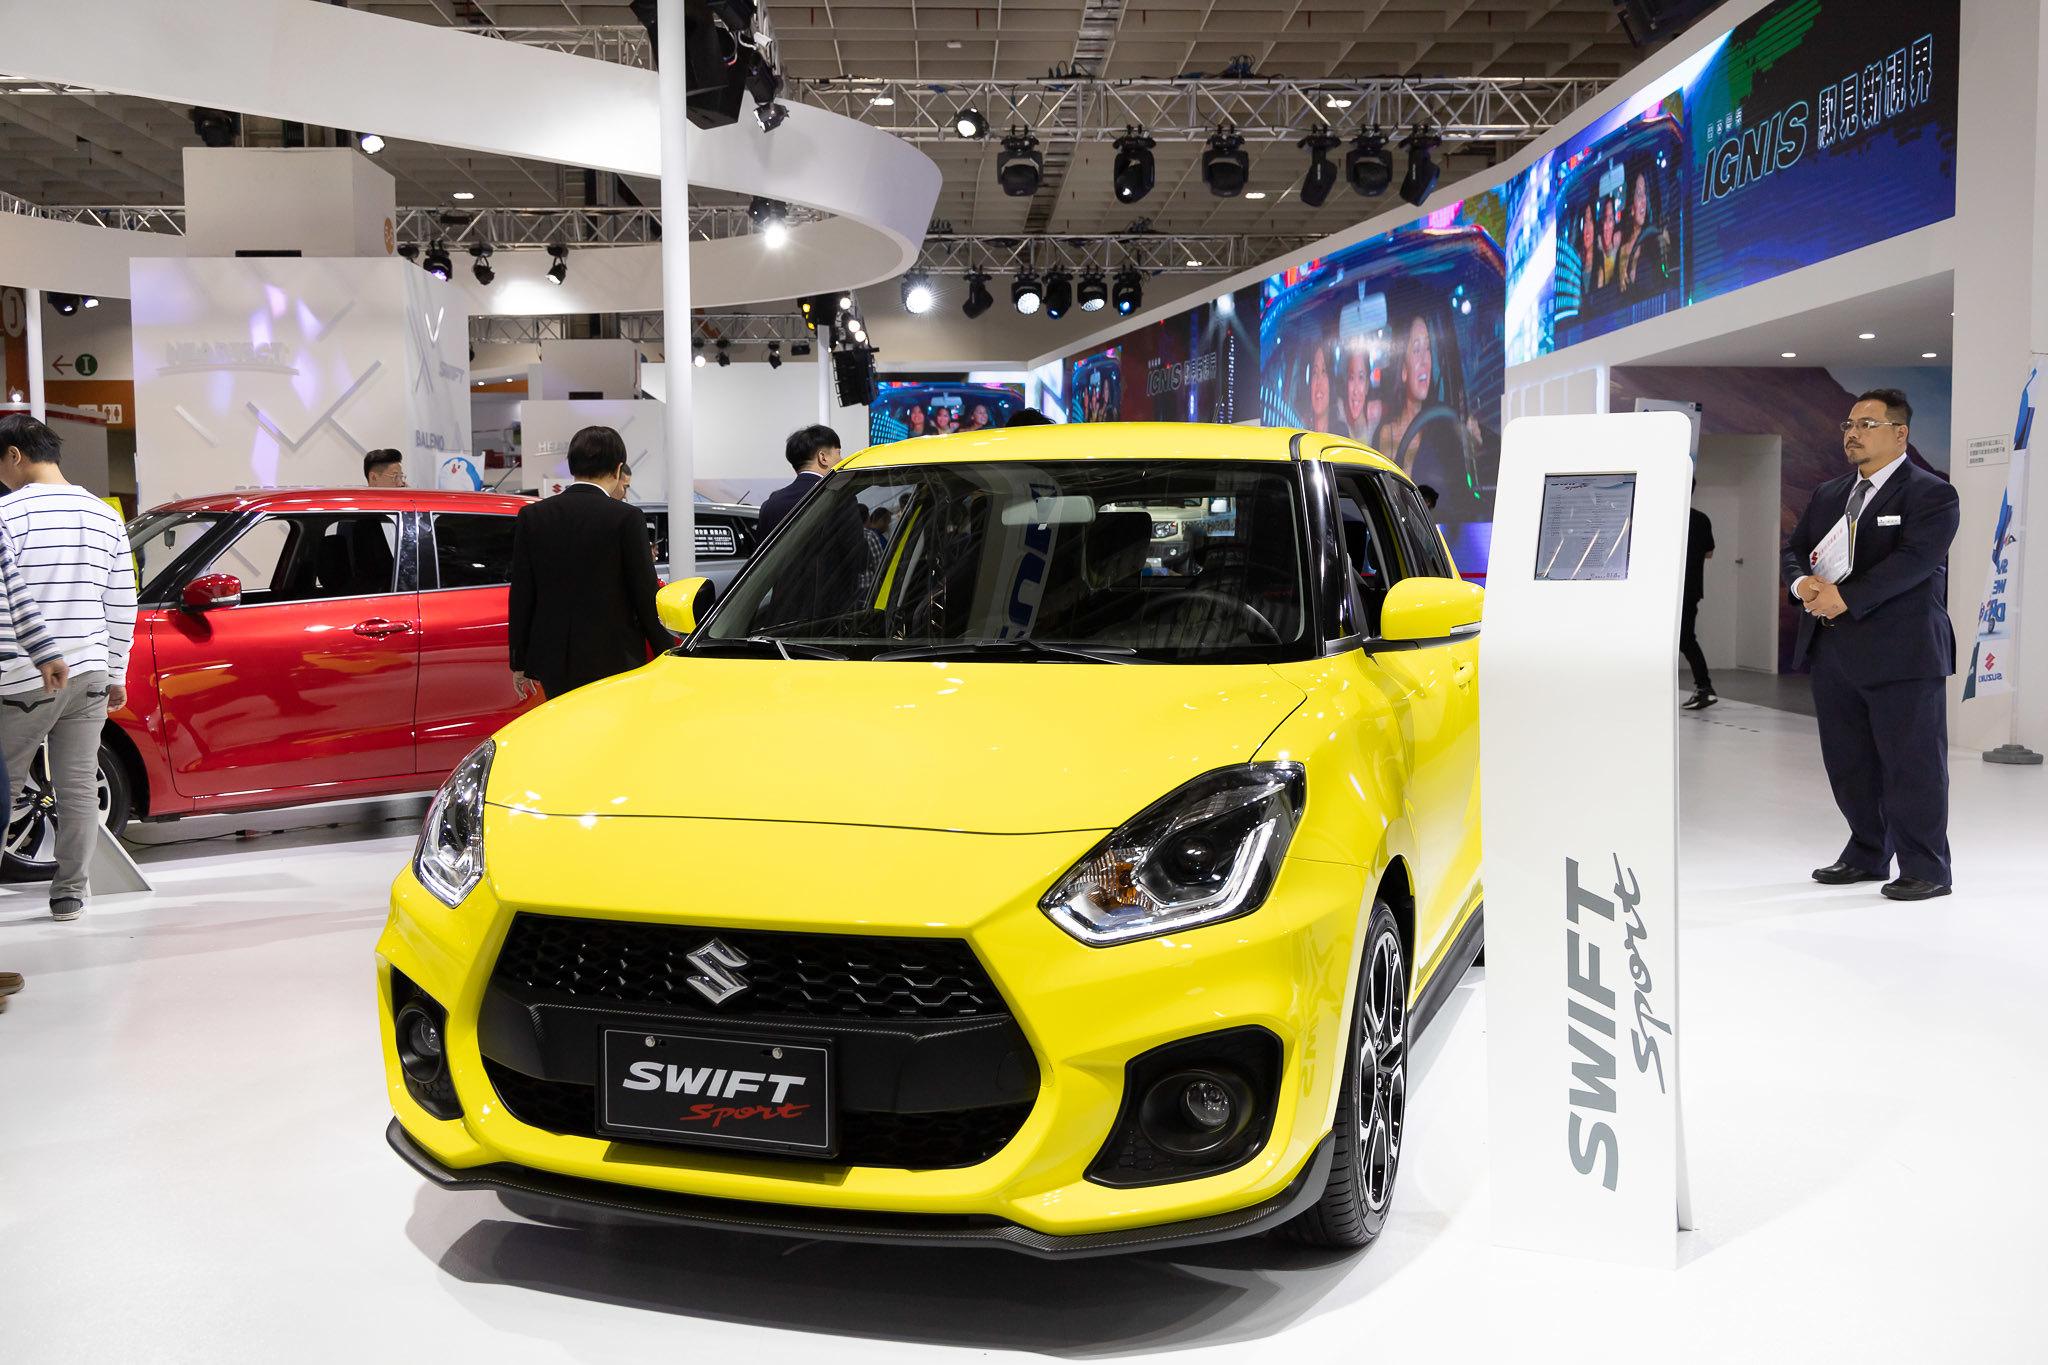 汽車 Cars - 台北 2020 Taipei 2020 #0042